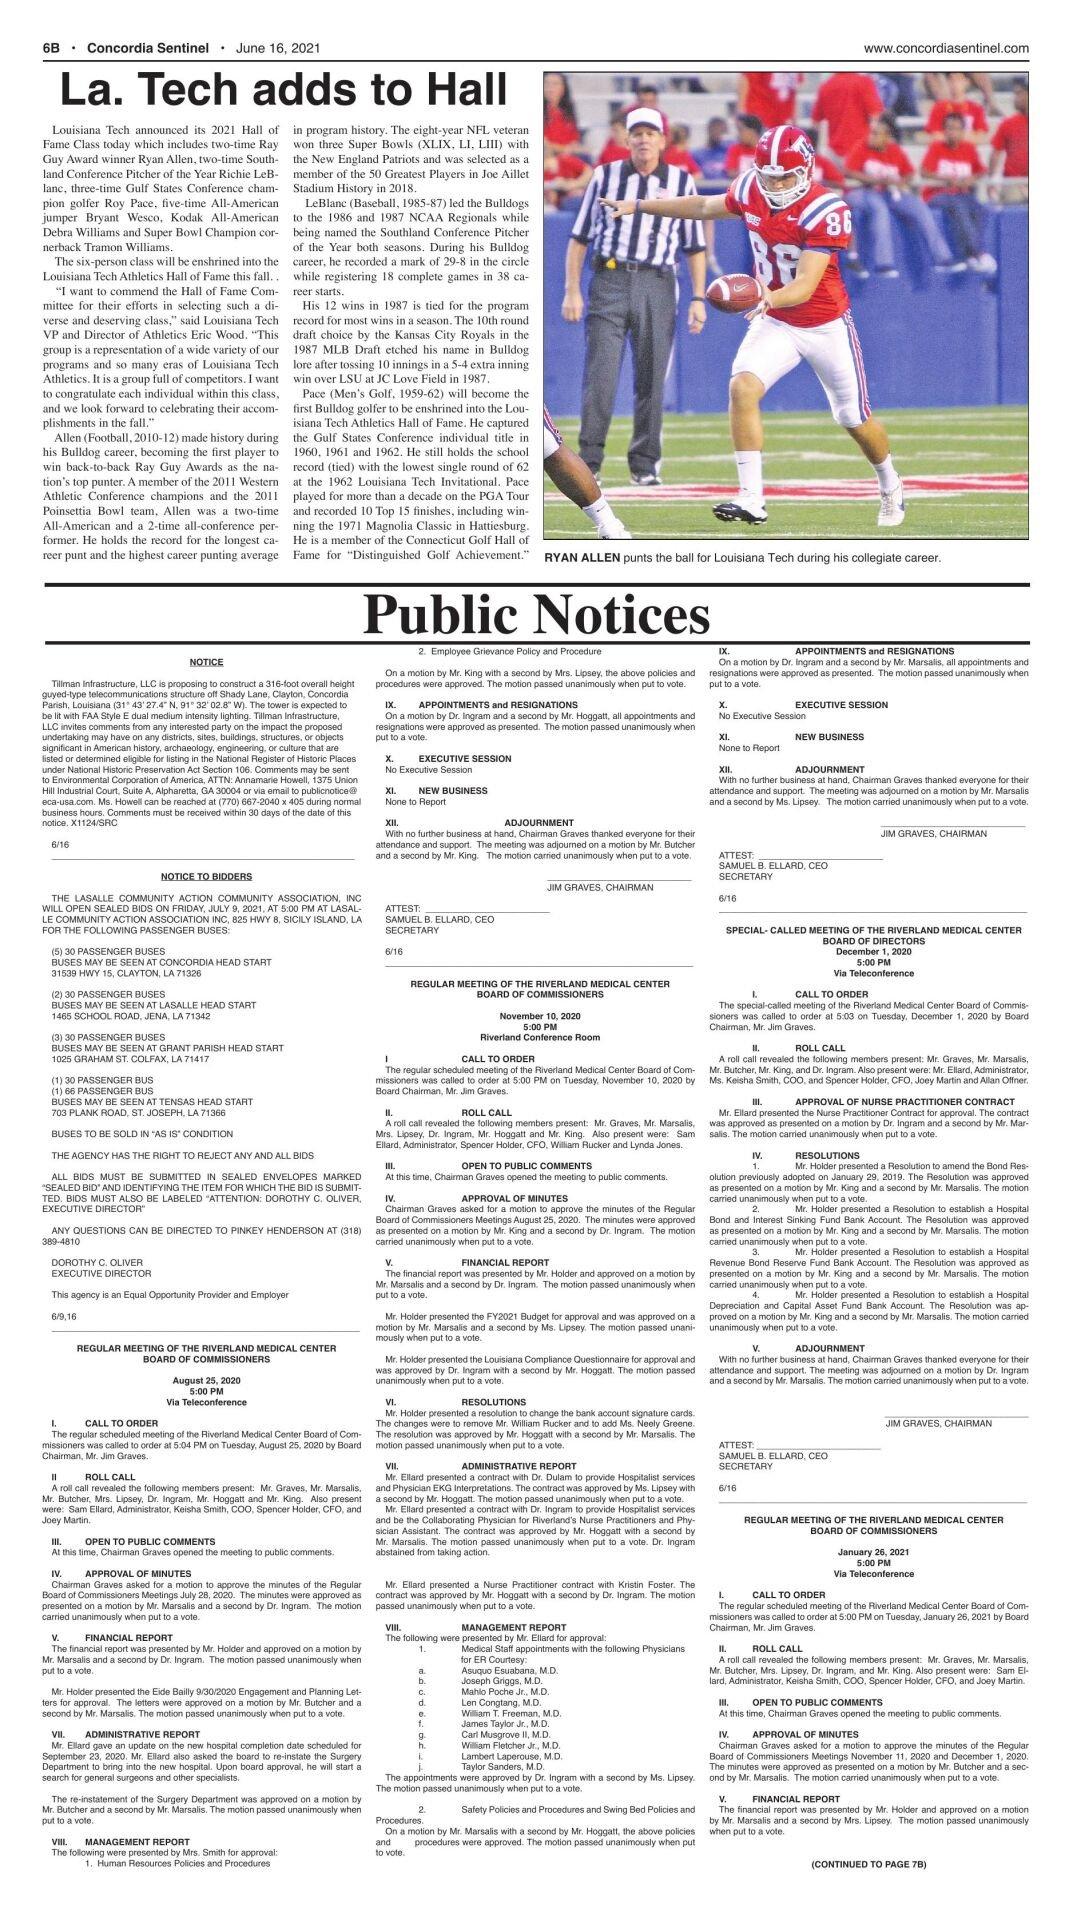 Public Notices - June 16, 2021